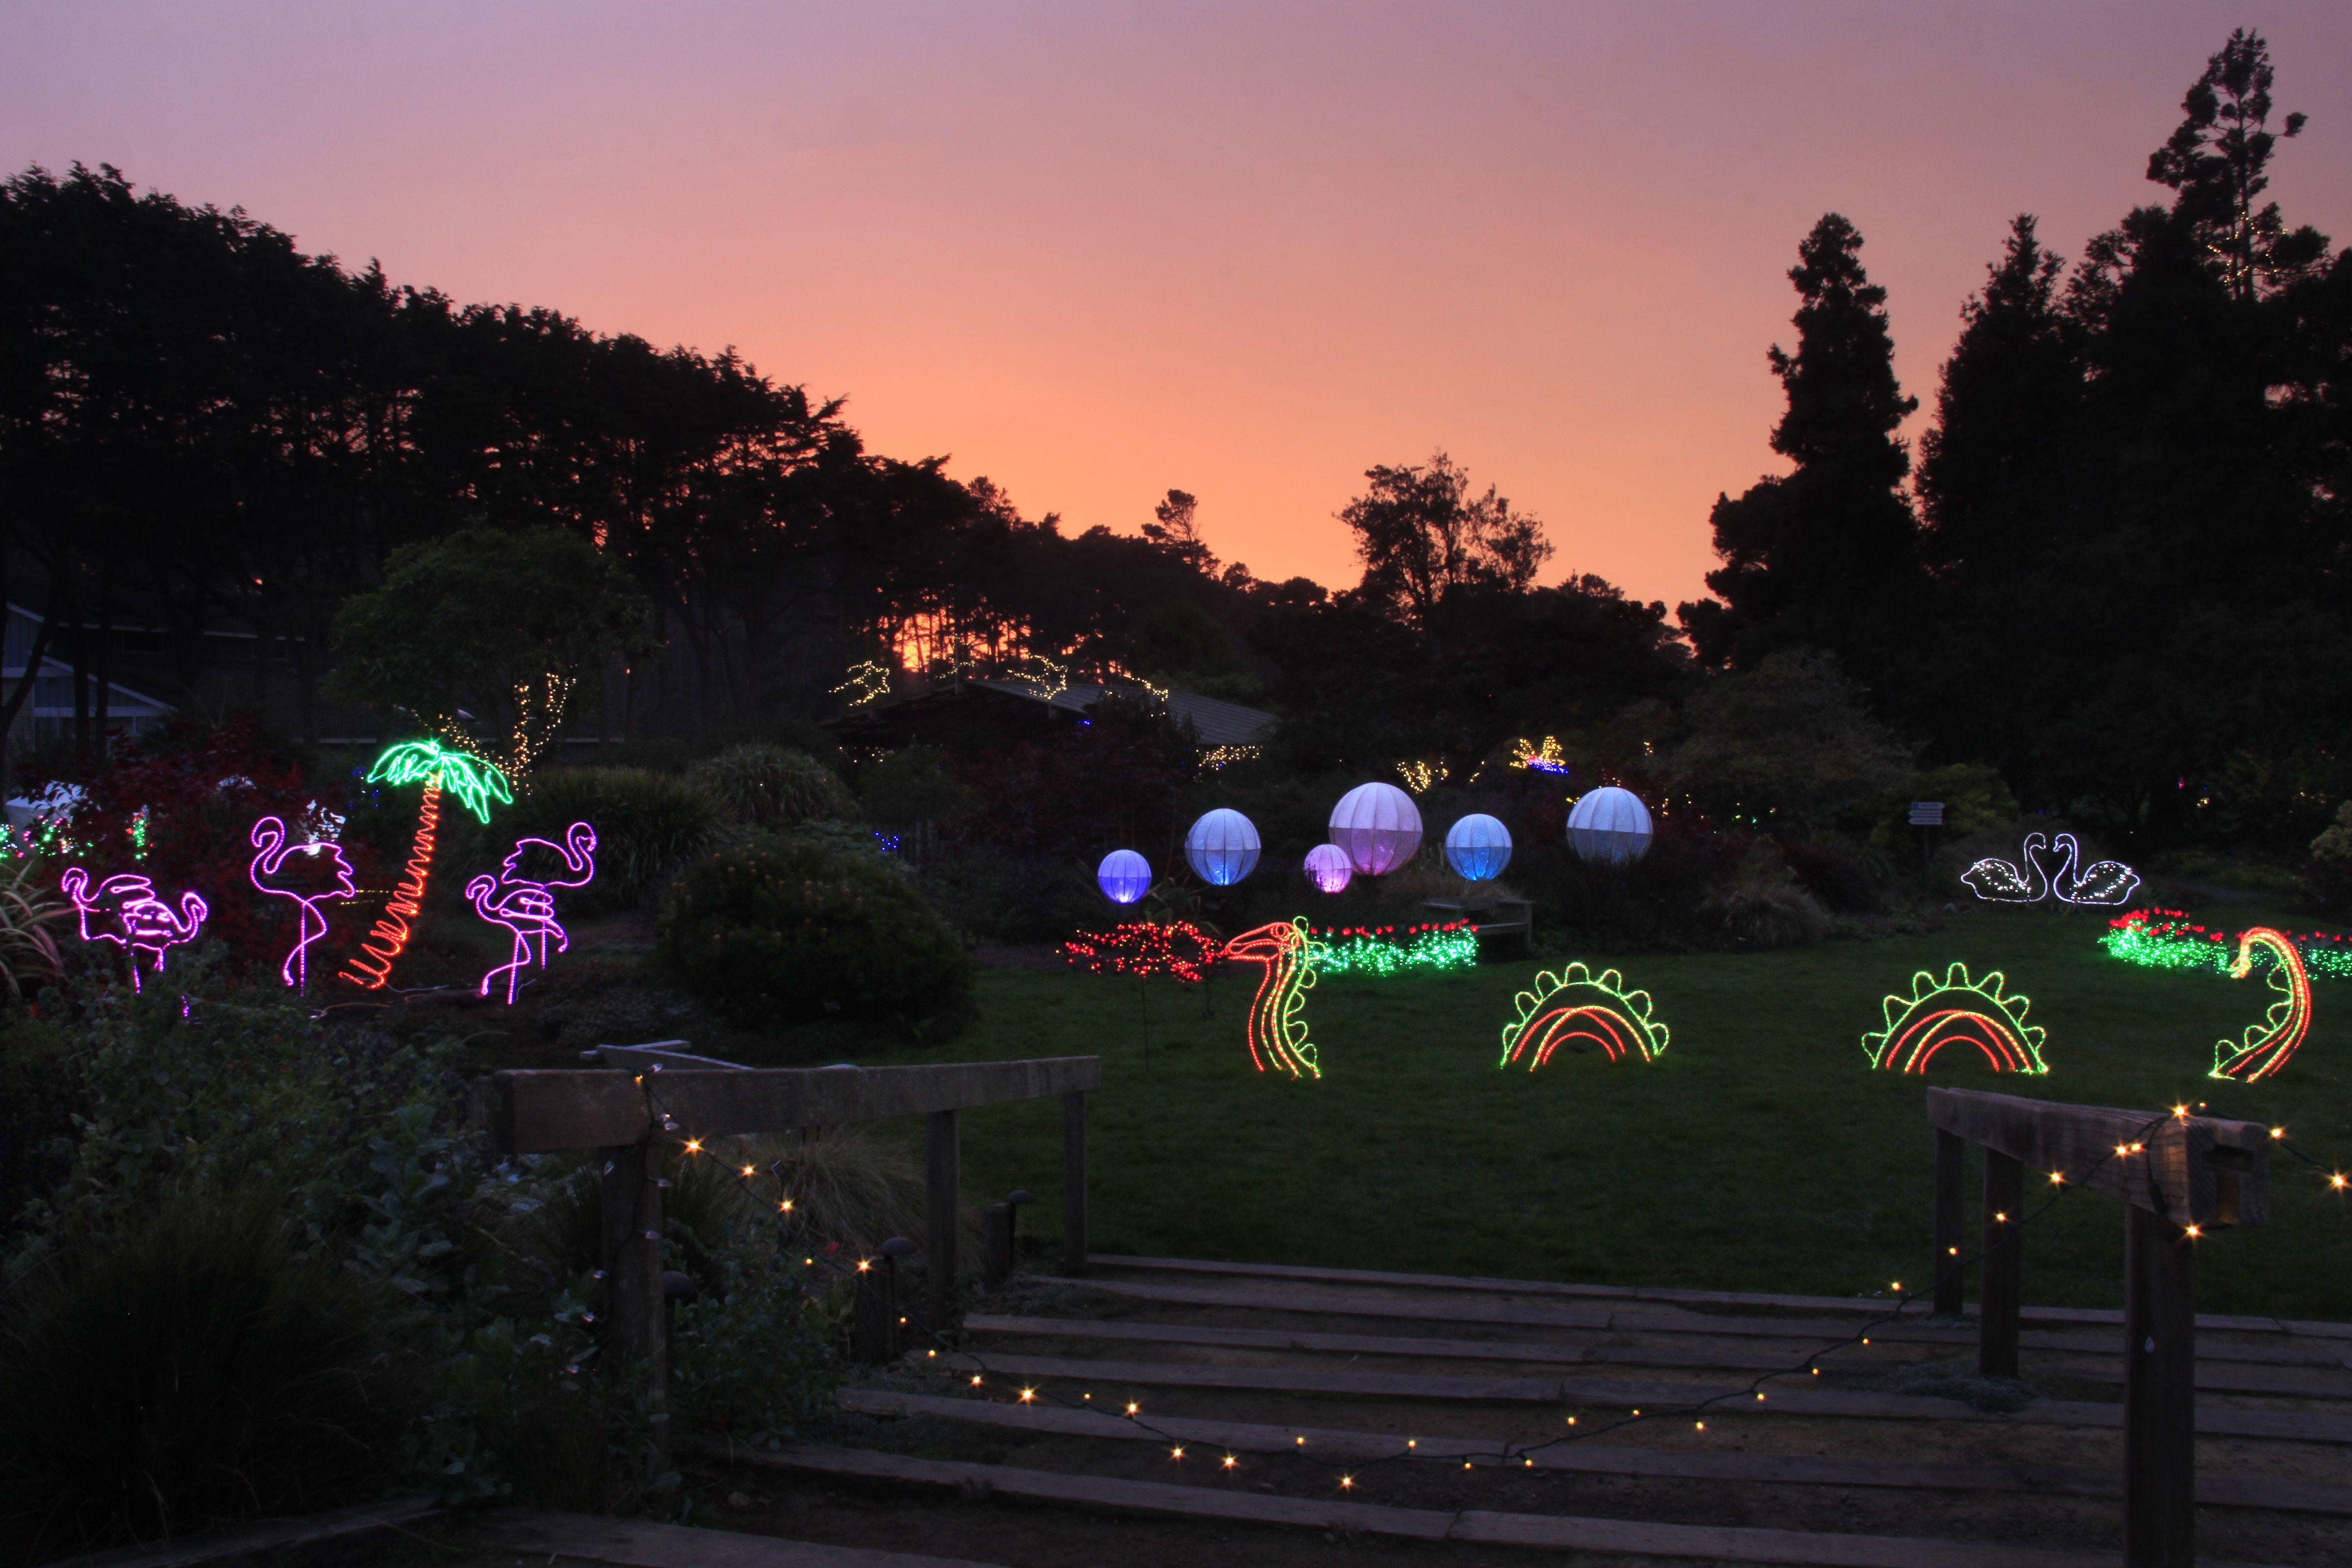 66b0dae2e5e2d629d5a1c4279548efe7 - Festival Of Lights Mendocino Coast Botanical Gardens